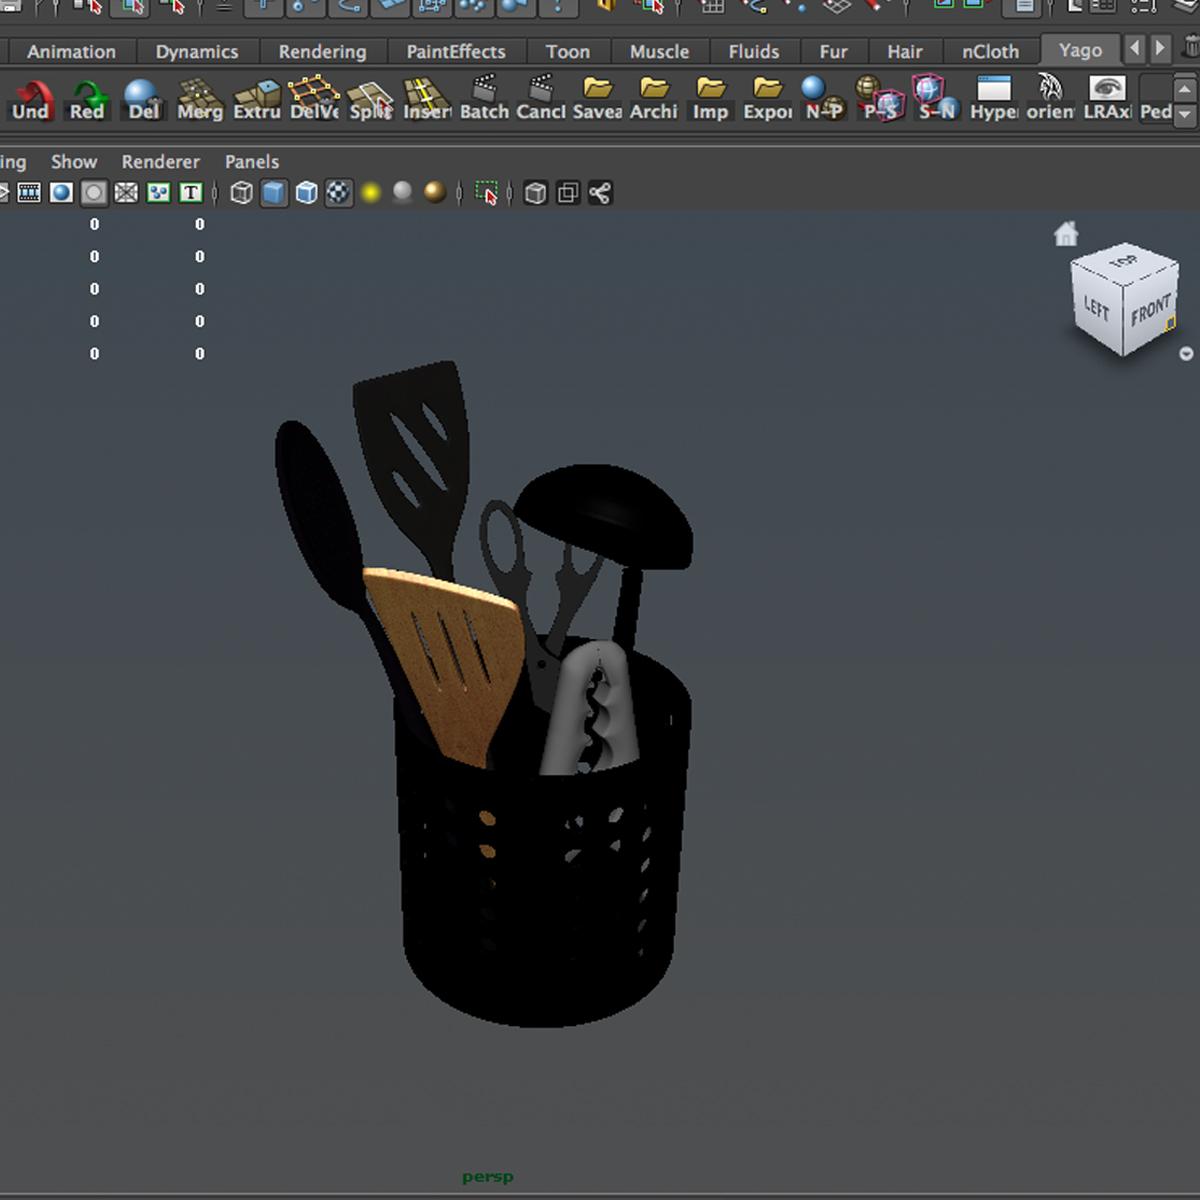 kitche utensils kit 3d model max fbx c4d ma mb obj 159304